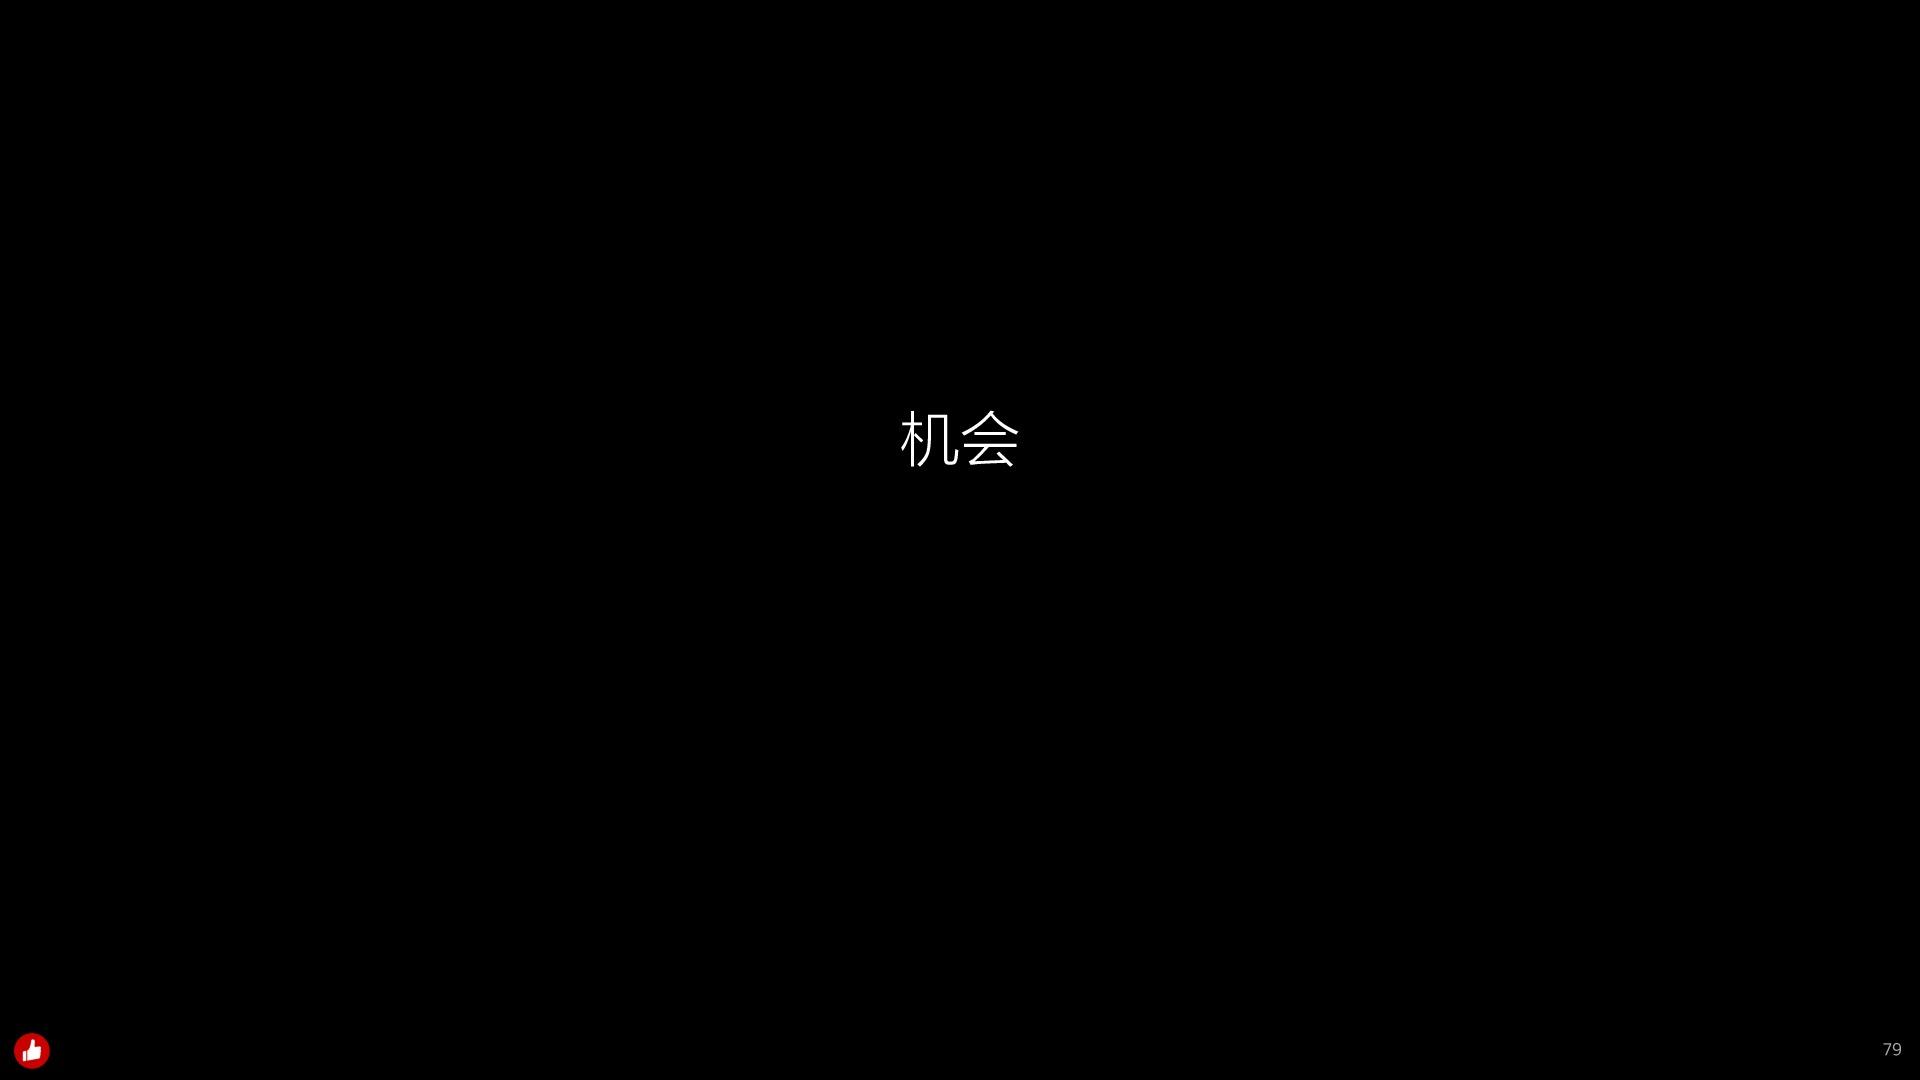 https://opentalk-blog.b0.upaiyun.com/prod/2018-11-26/db76aaf1ee2d58541f3ae197af32ef78